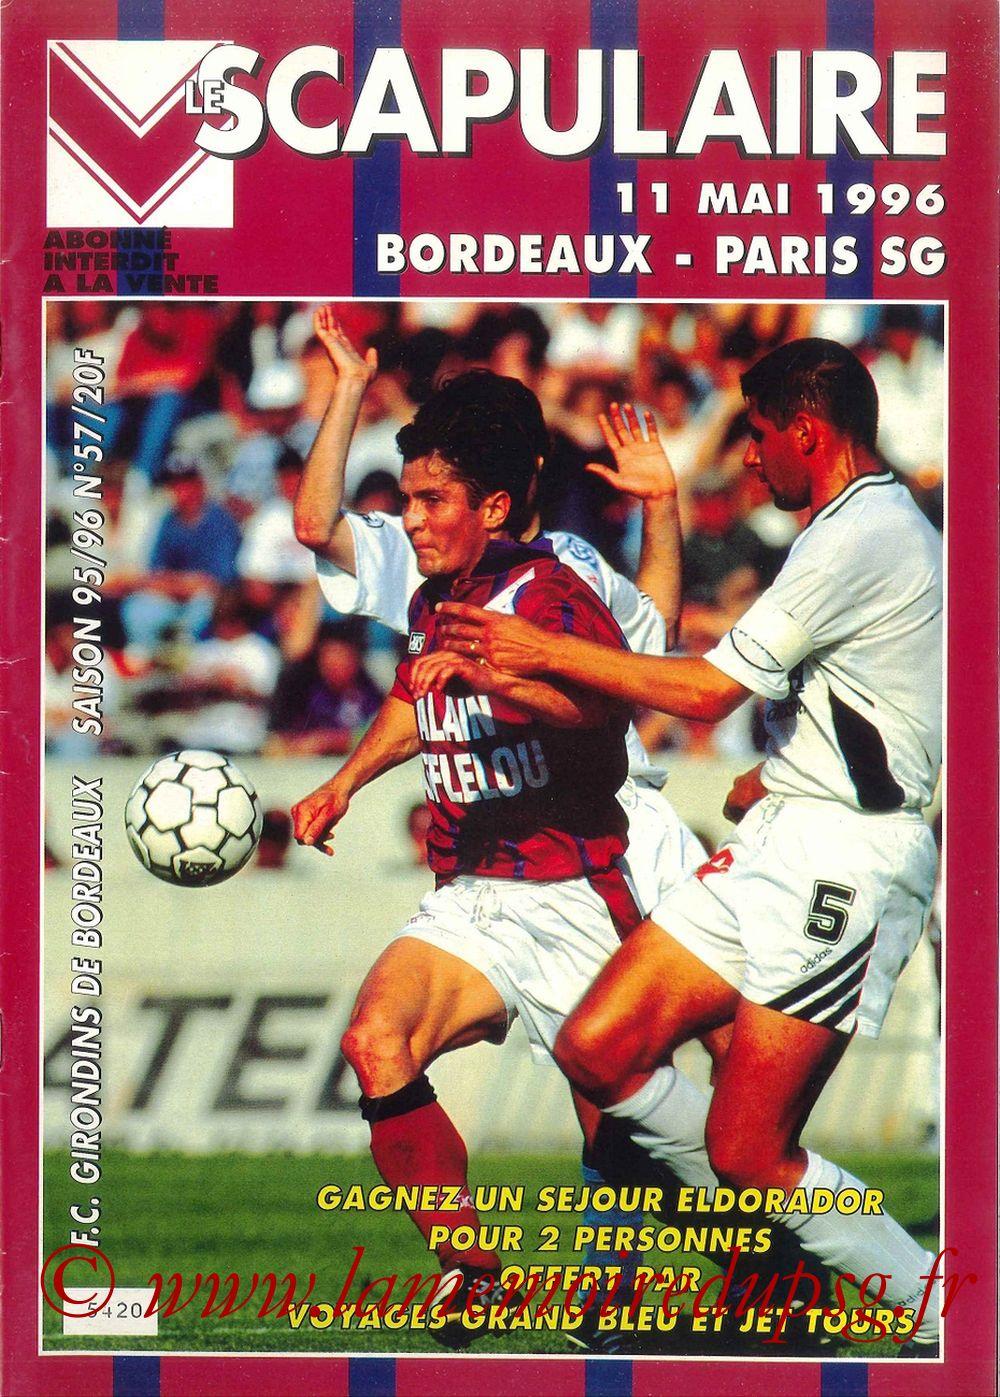 1996-05-11  Bordeaux-PSG (37ème D1, Le Scapulaire N°57)